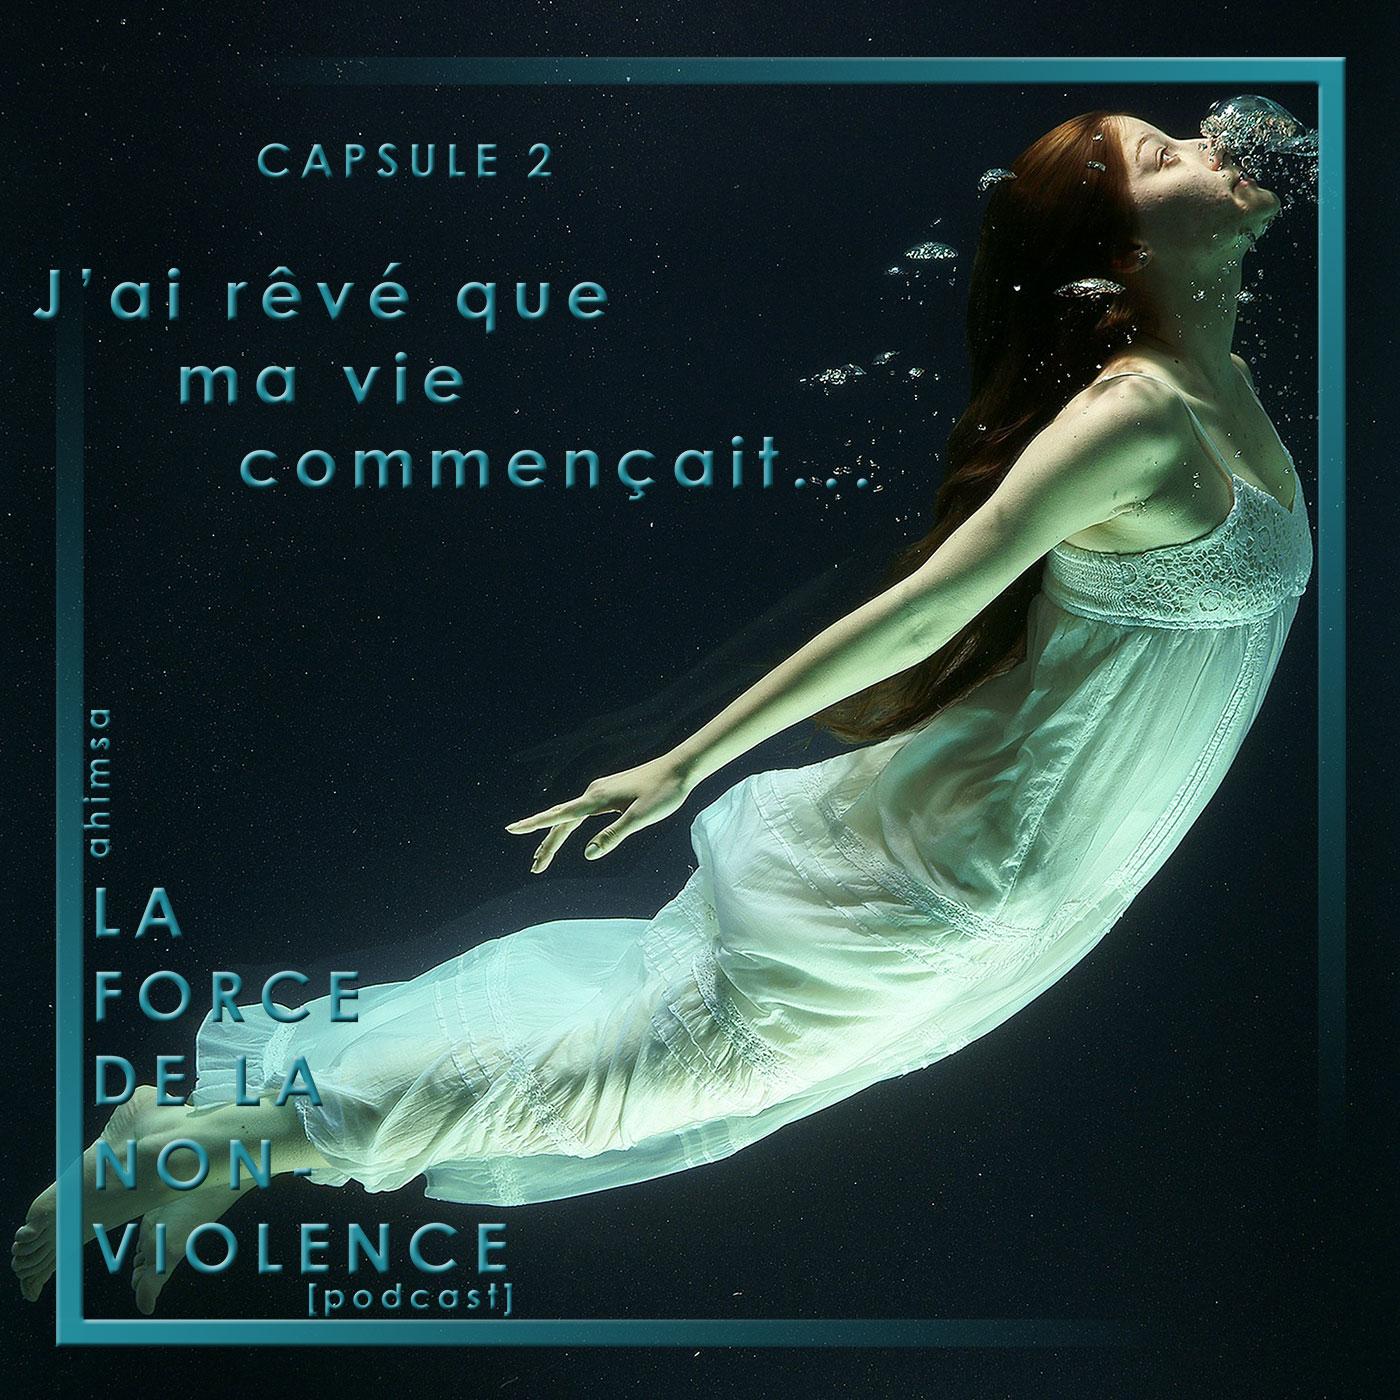 J'ai rêvé que ma vie commençait - podcast - la force de la non-violence